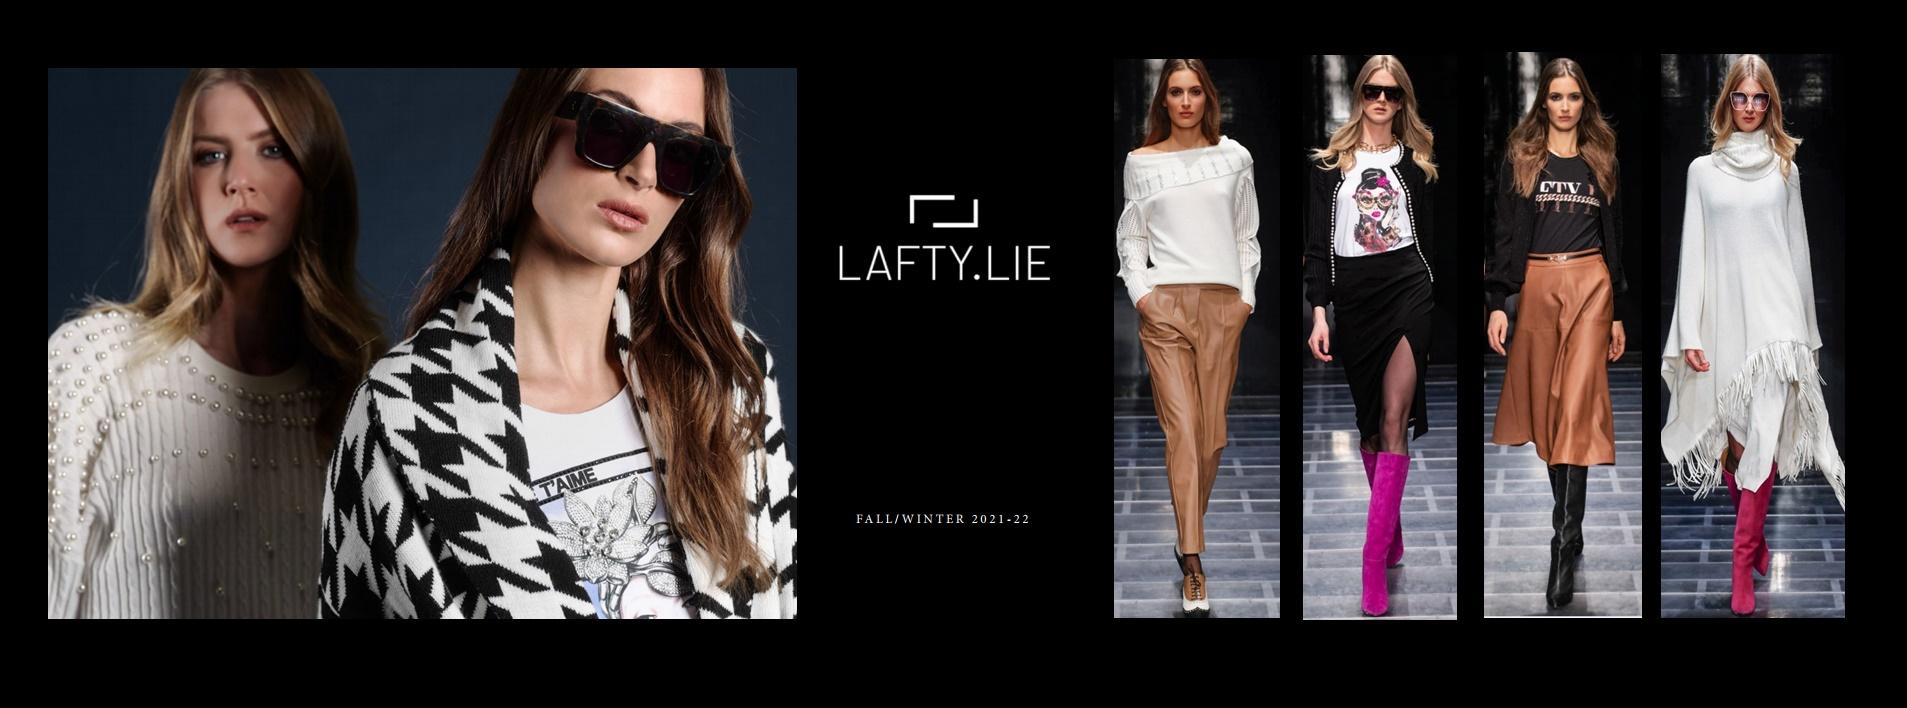 lafty-lie-banner-invierno